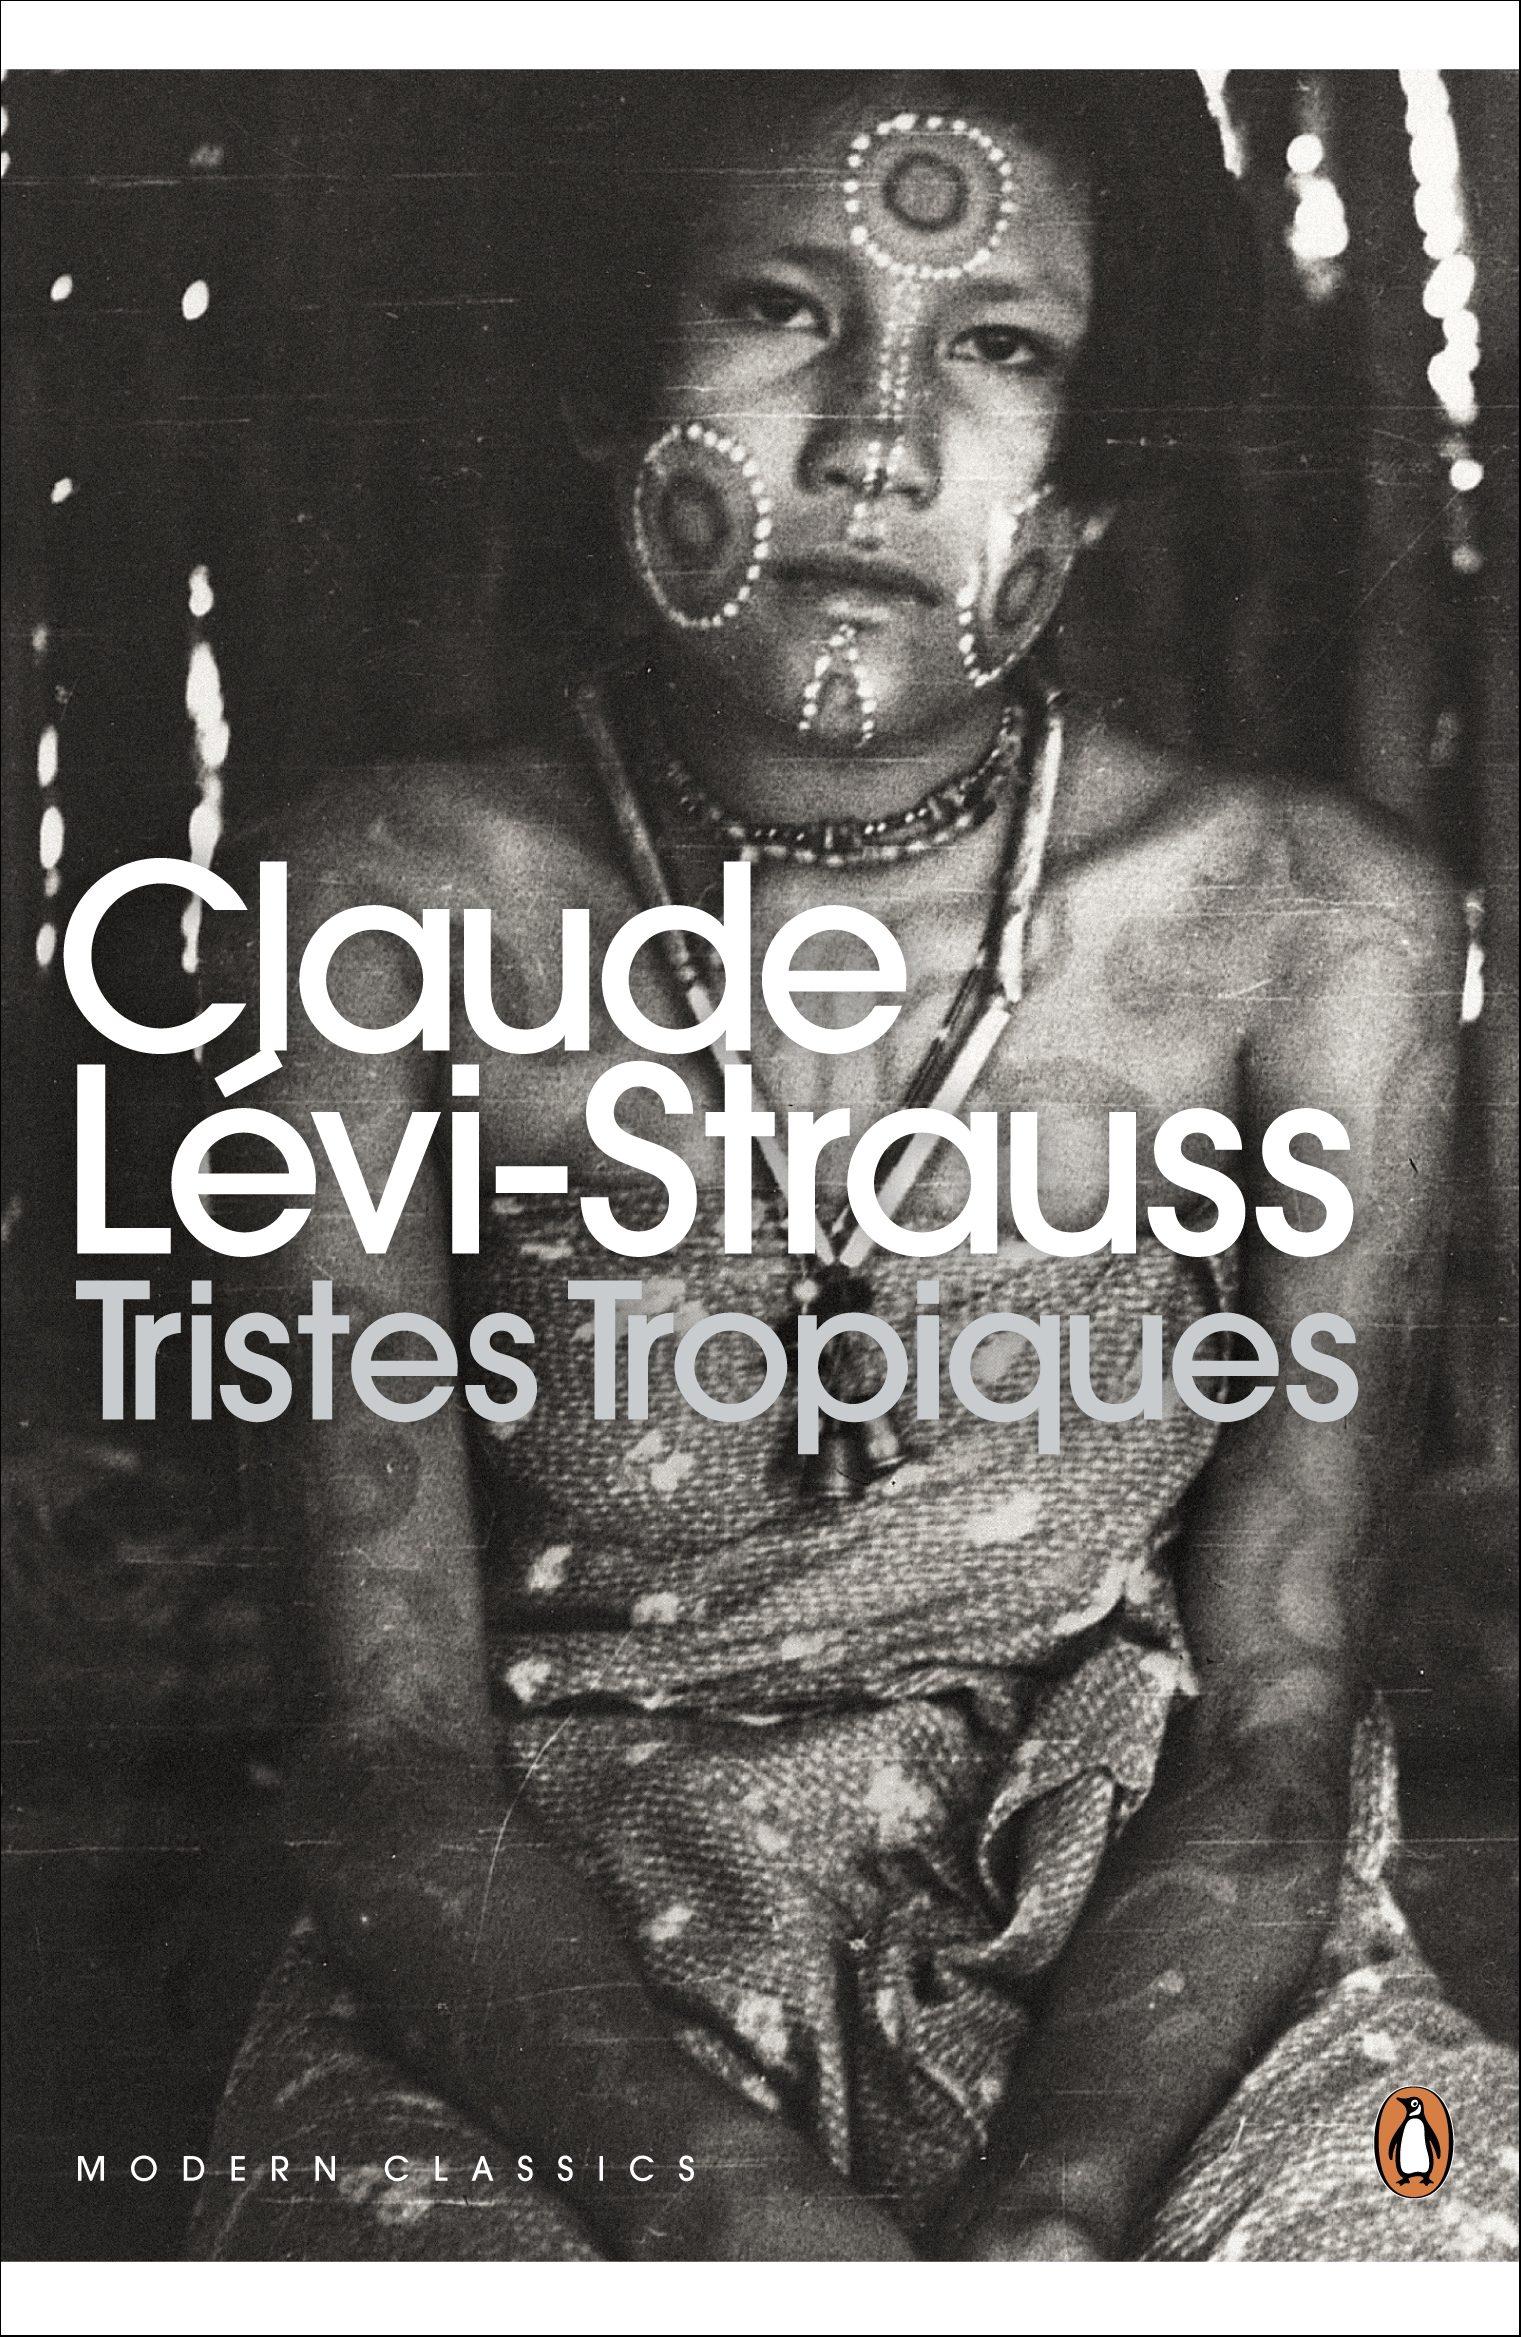 STRAUSS TROPIQUES GRATUIT TRISTES LEVI TÉLÉCHARGER CLAUDE